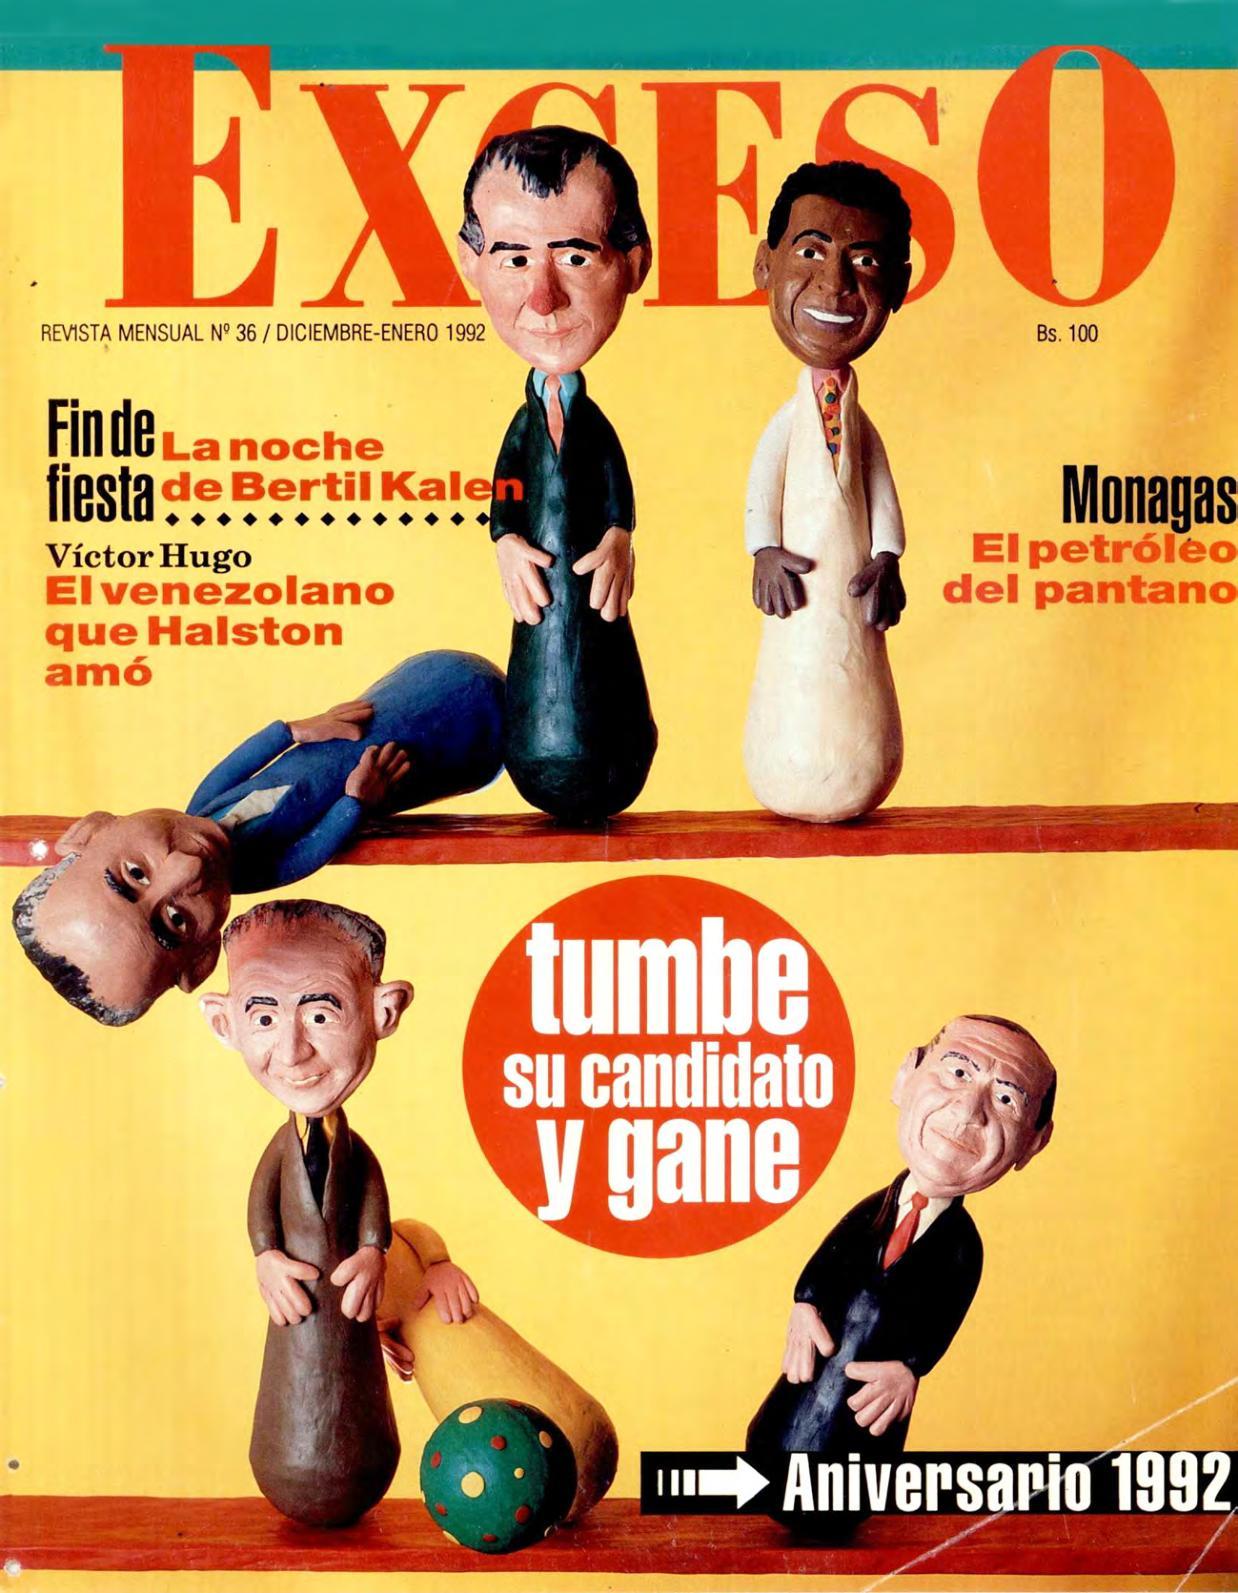 7cf0bac2e Calaméo - REVISTA EXCESO EDICION Nº 36 DICIEMBRE- ENERO 1992